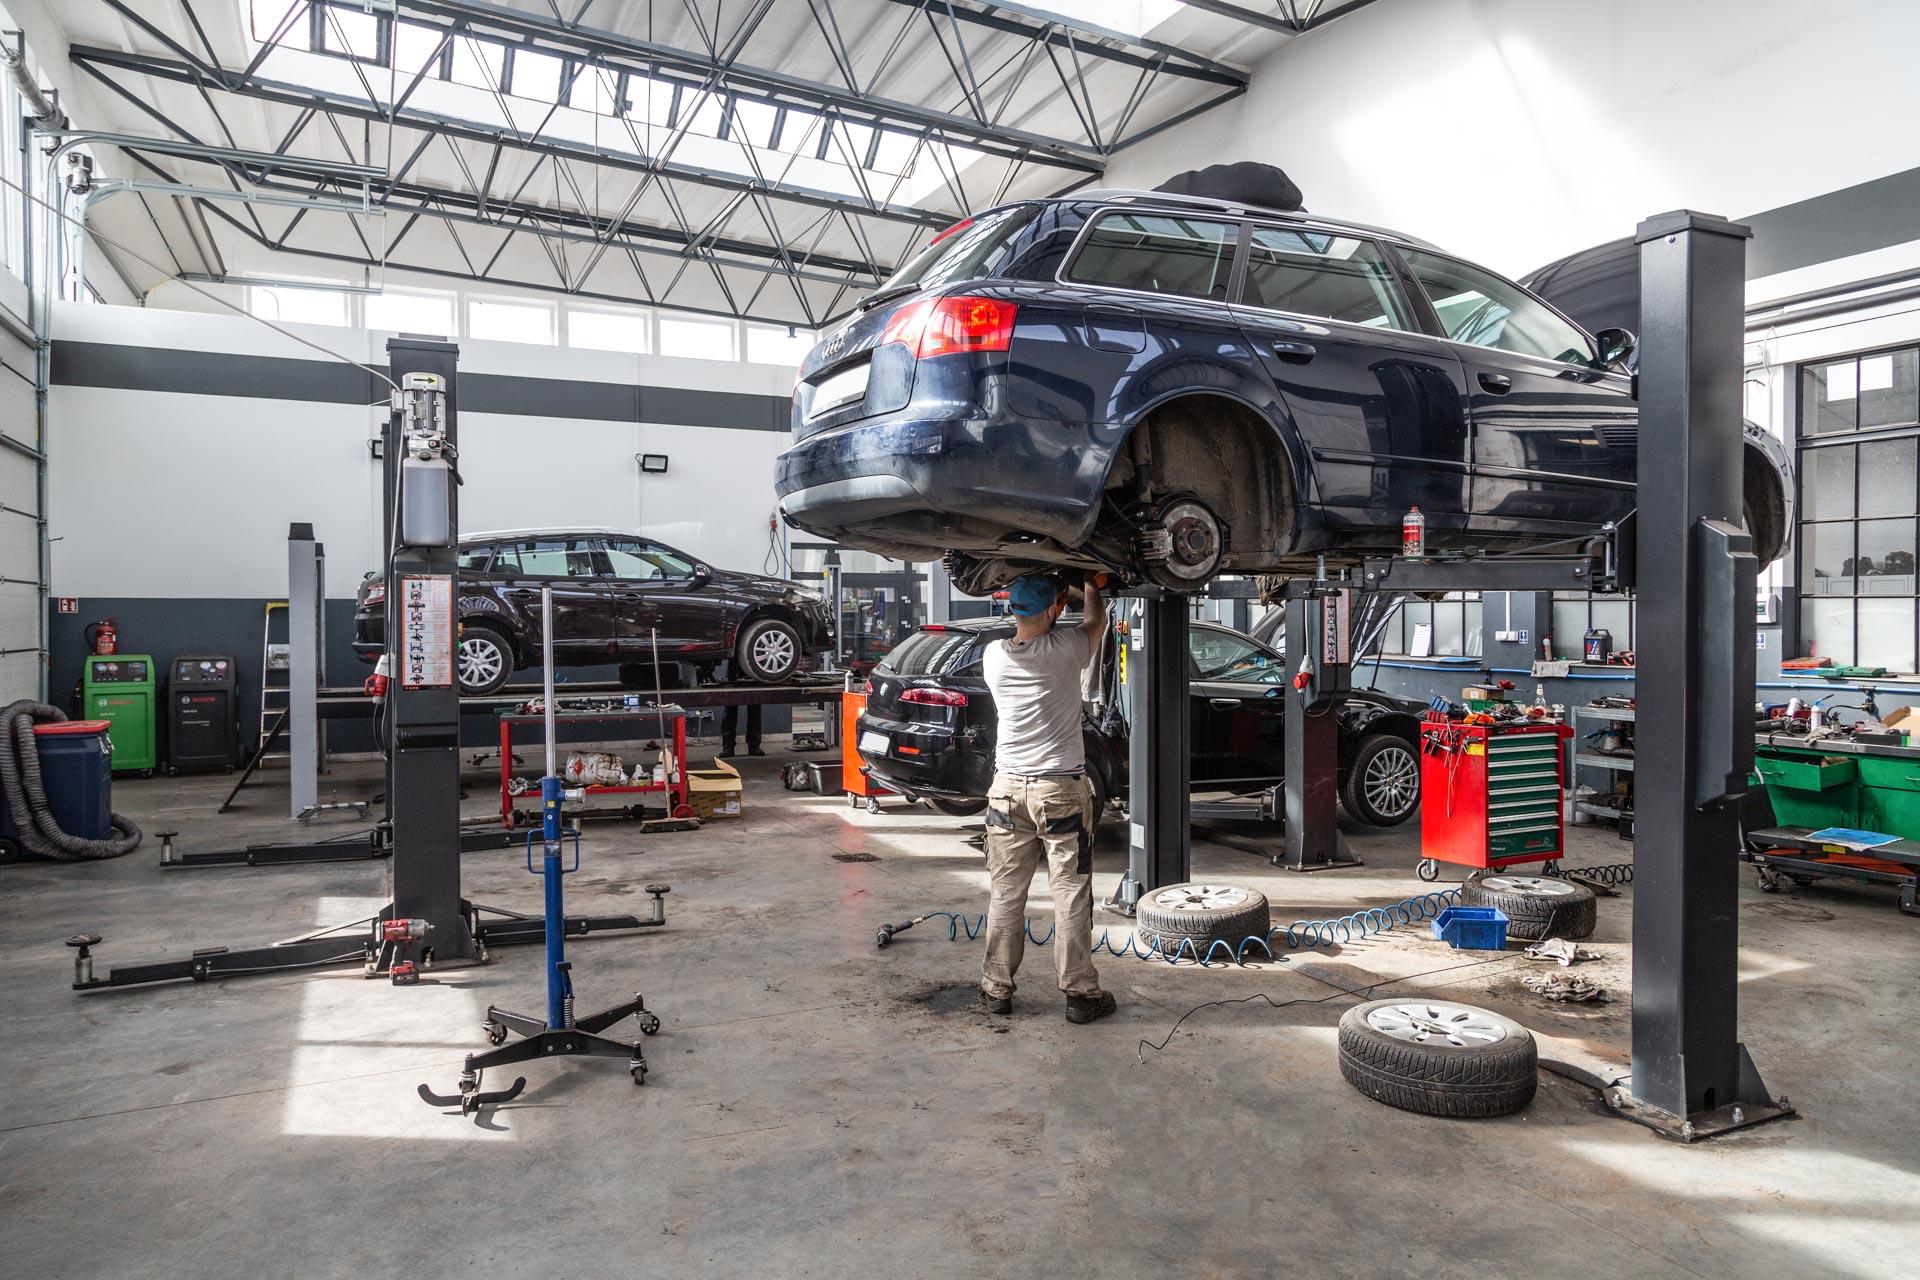 hp auto serwis - warsztat samochodowy szczecin santocka 44